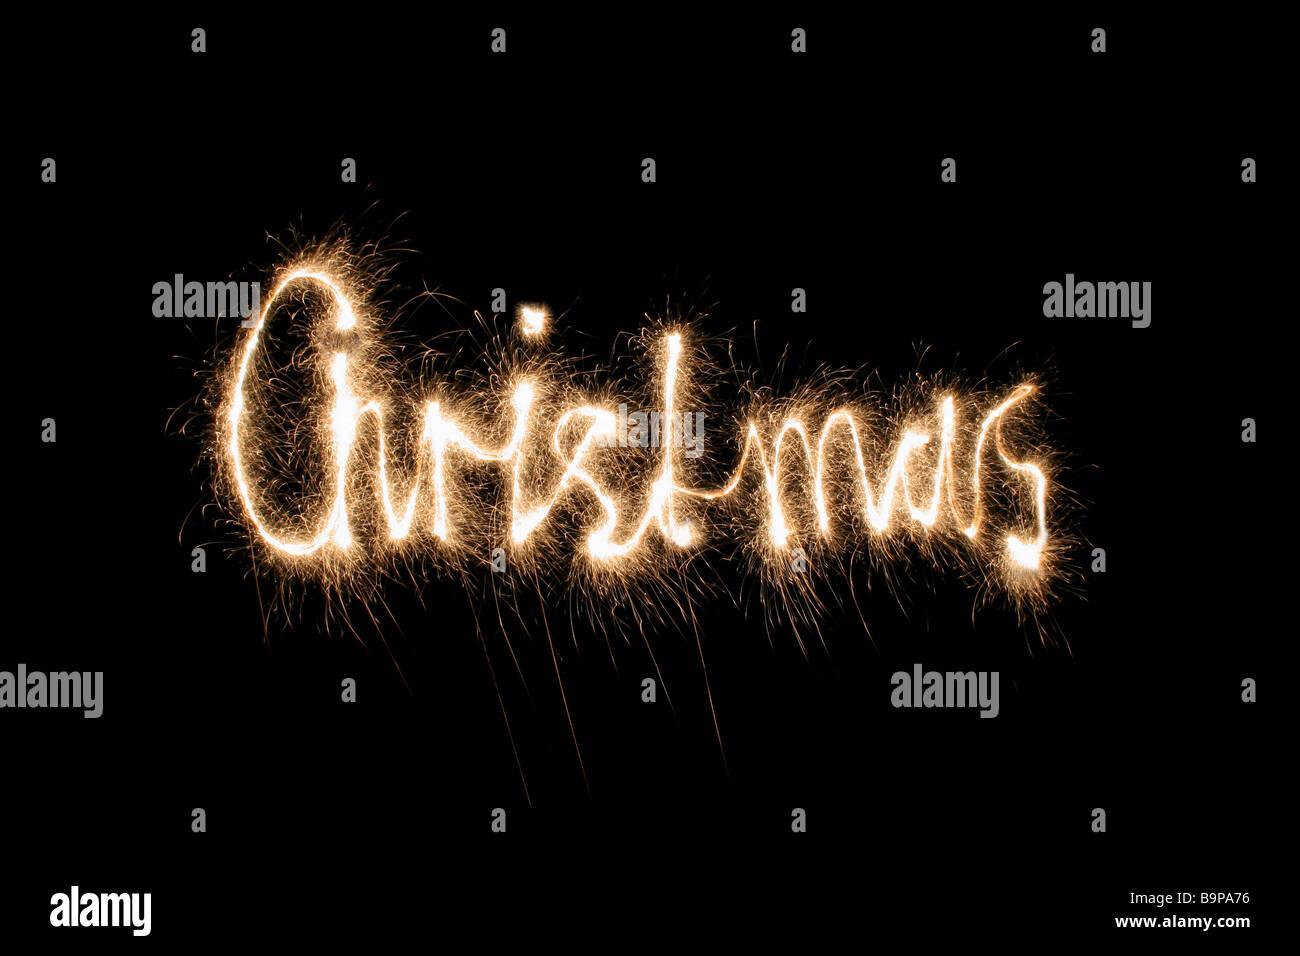 Weihnachten-Wunderkerze (Sie können andere Wörter in meinem ...